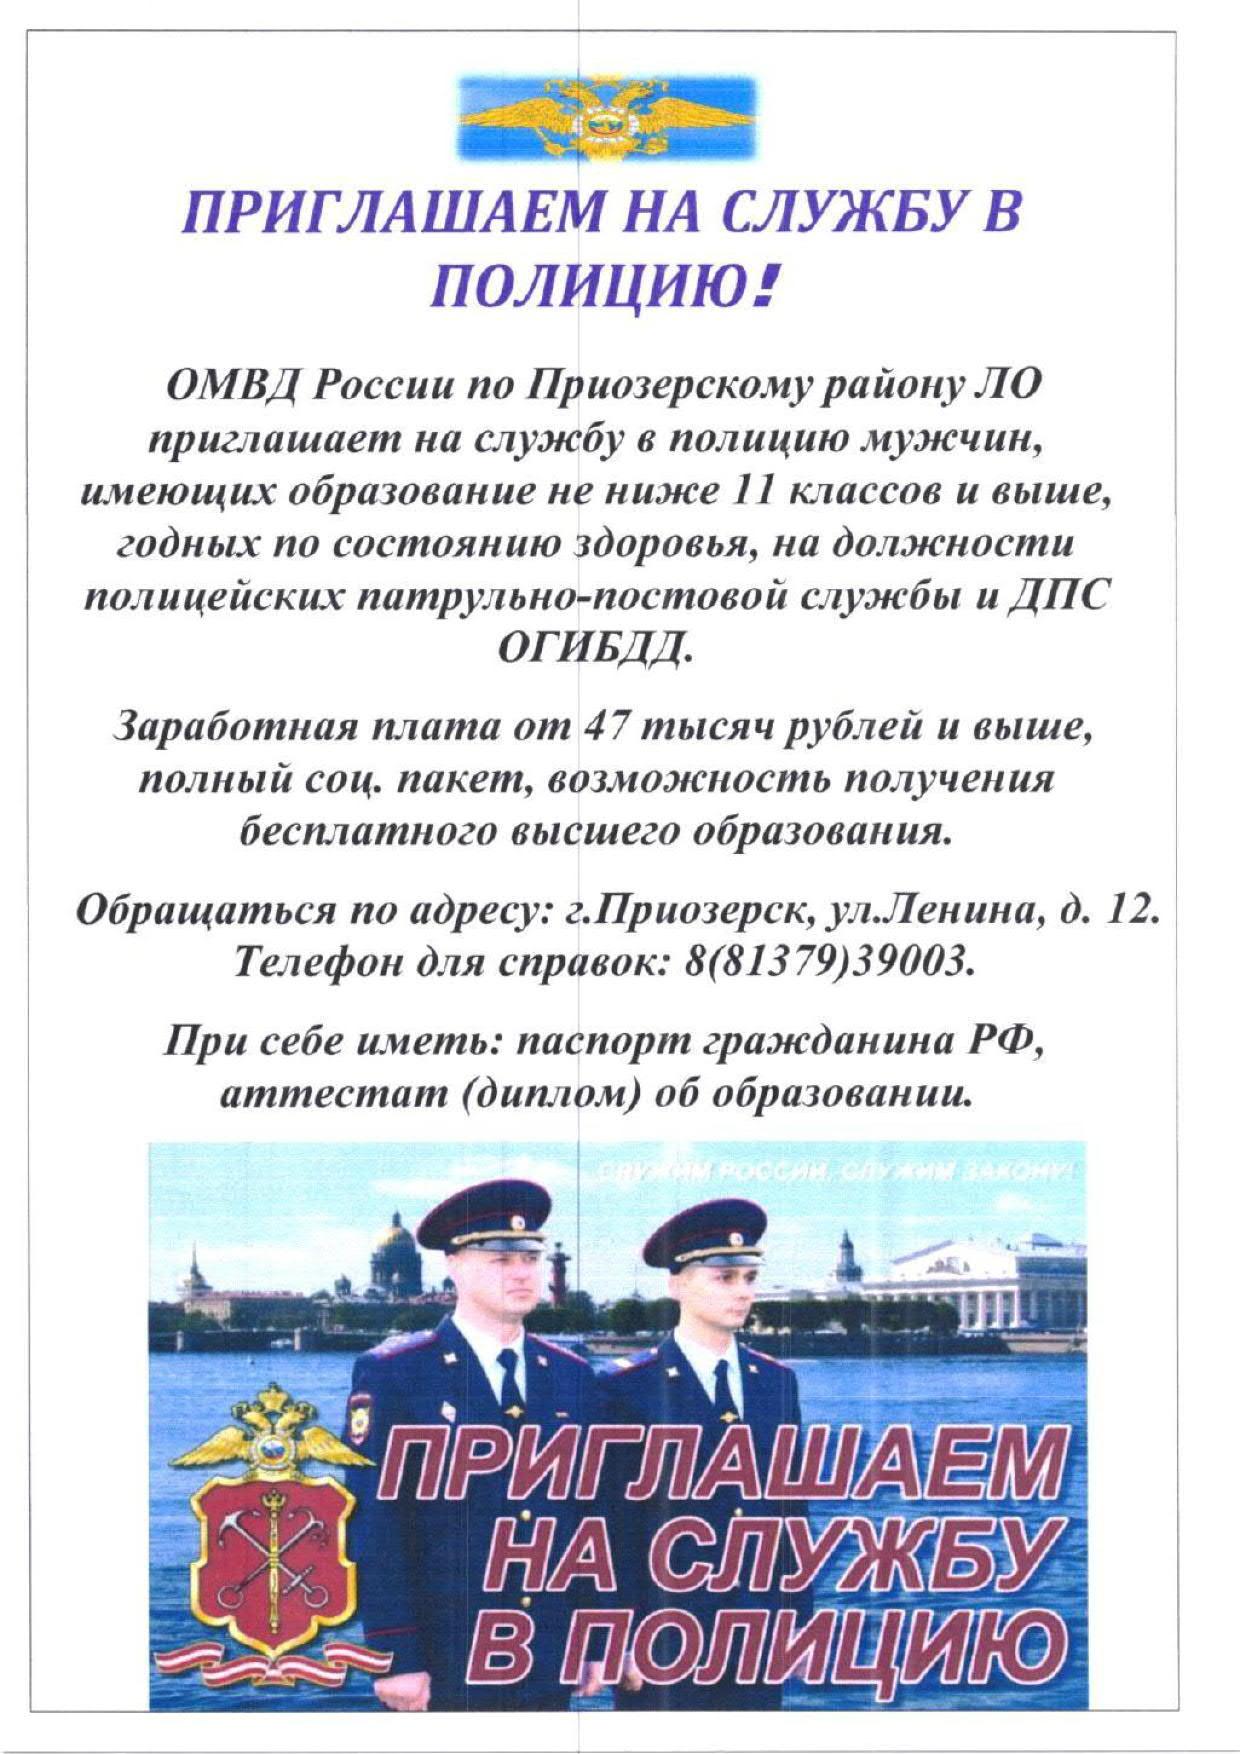 __Прядеин_А.В._Соклаков_А.Н. (1)_1